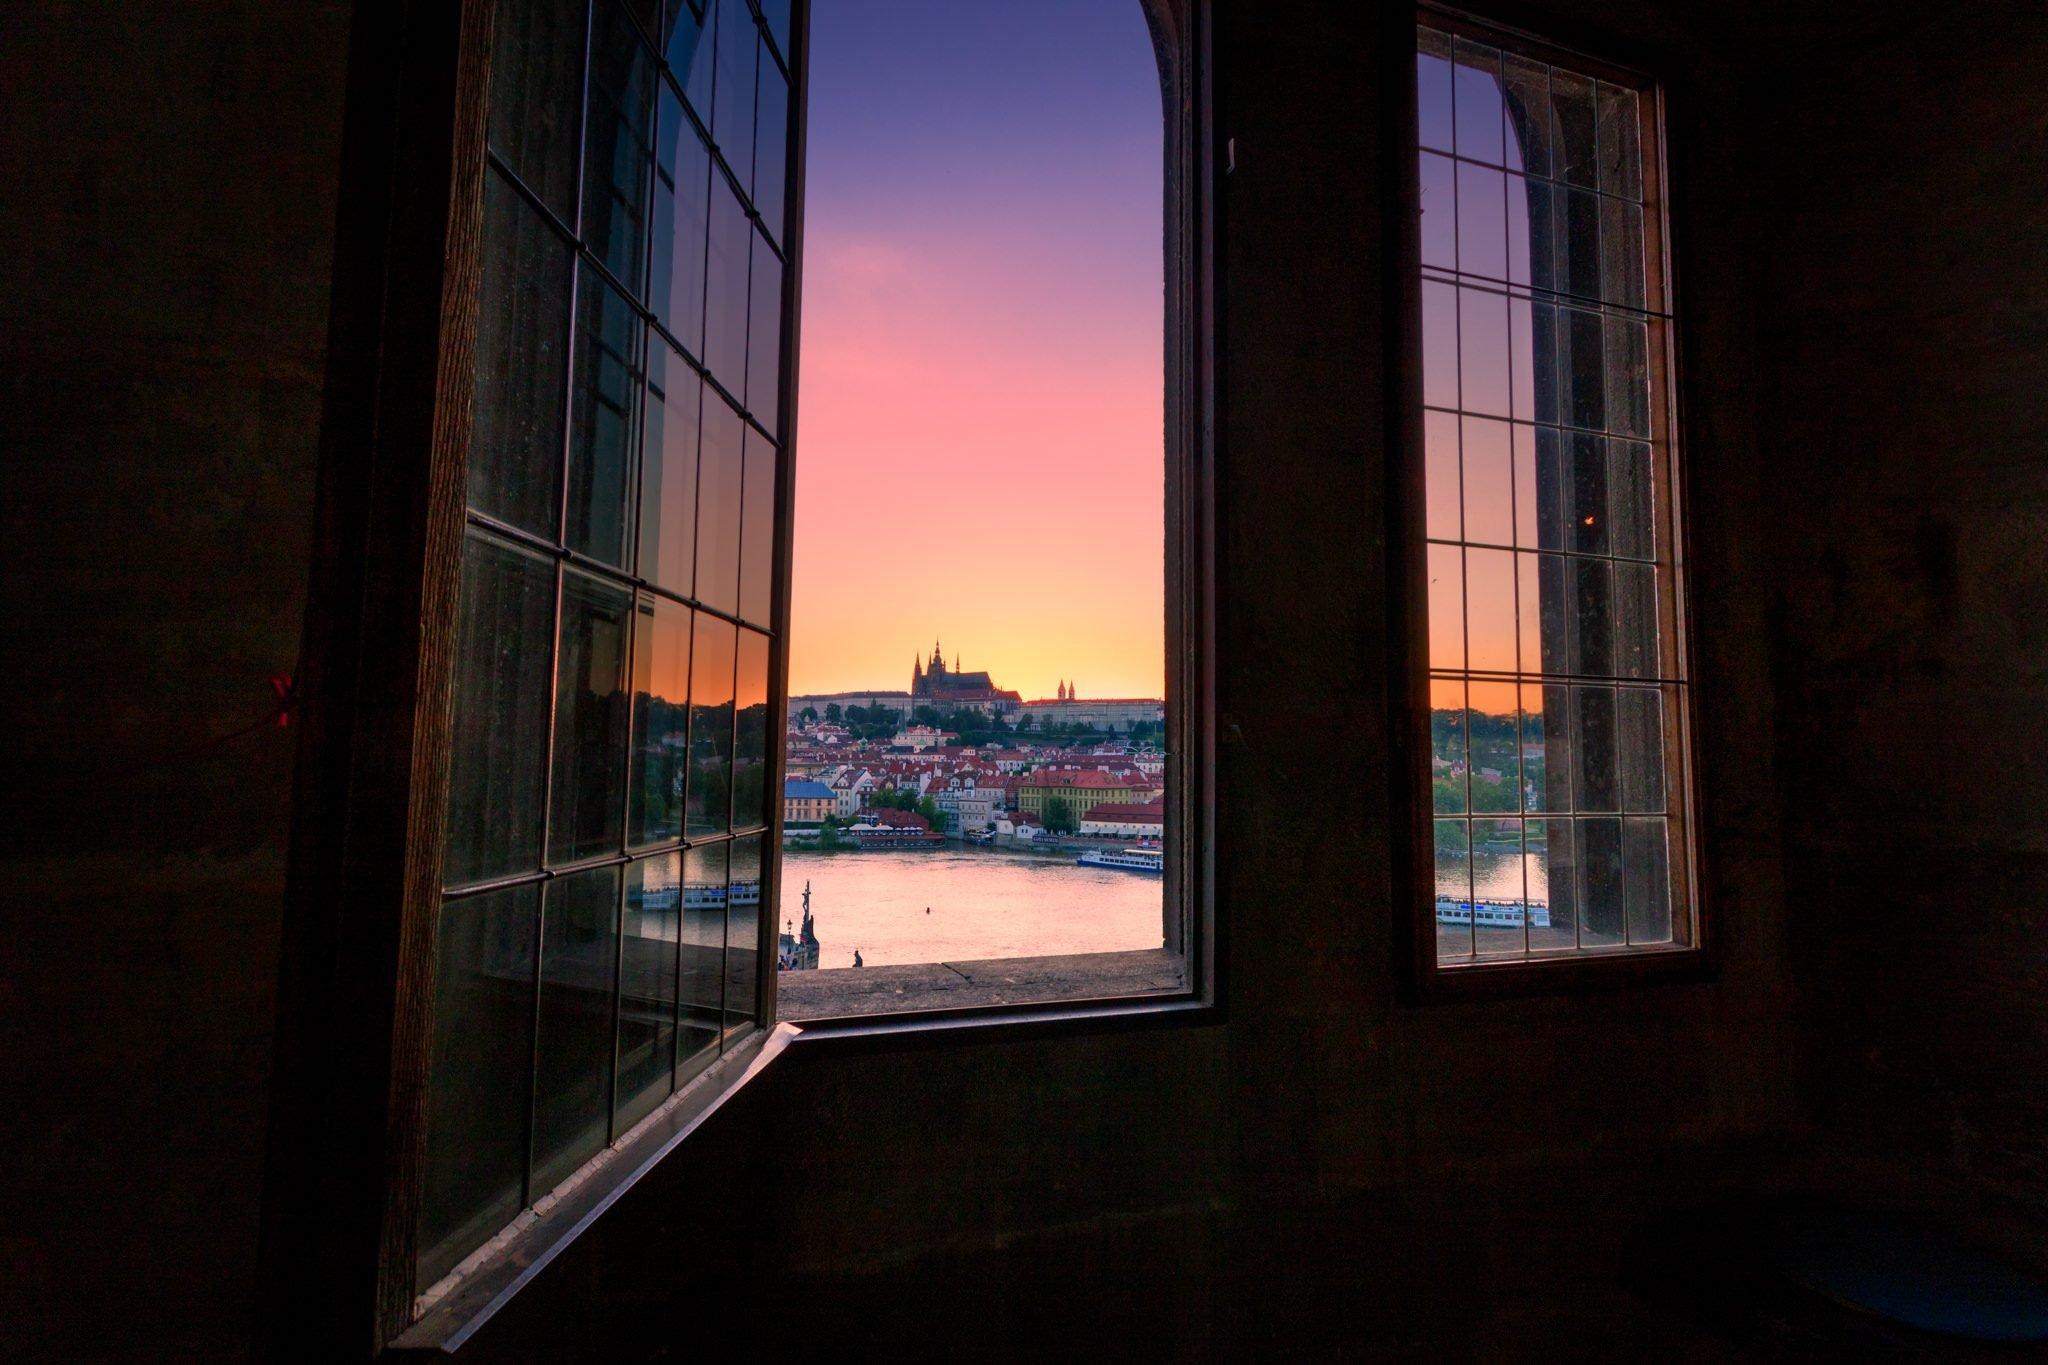 Dieses romantische Foto wurde vom Turm der Karlsbrücke in Prag, Tschechien aufgenommen.